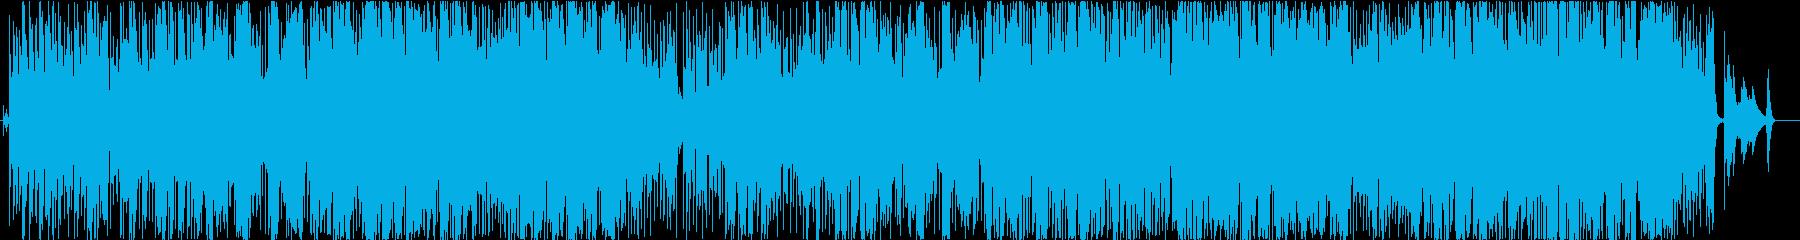 大人のバーをイメージしたジャズソングの再生済みの波形